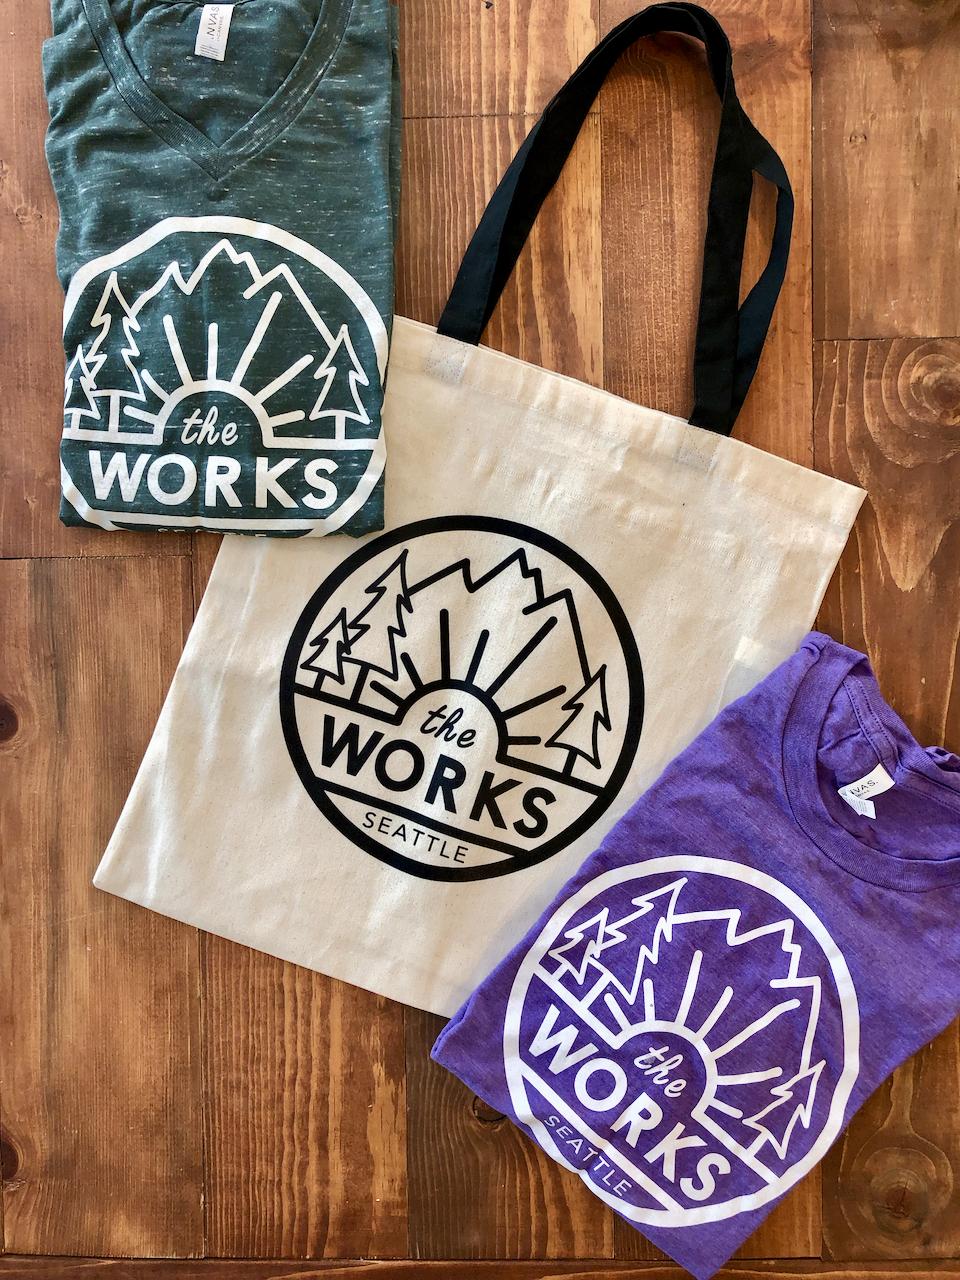 Membership at The Works